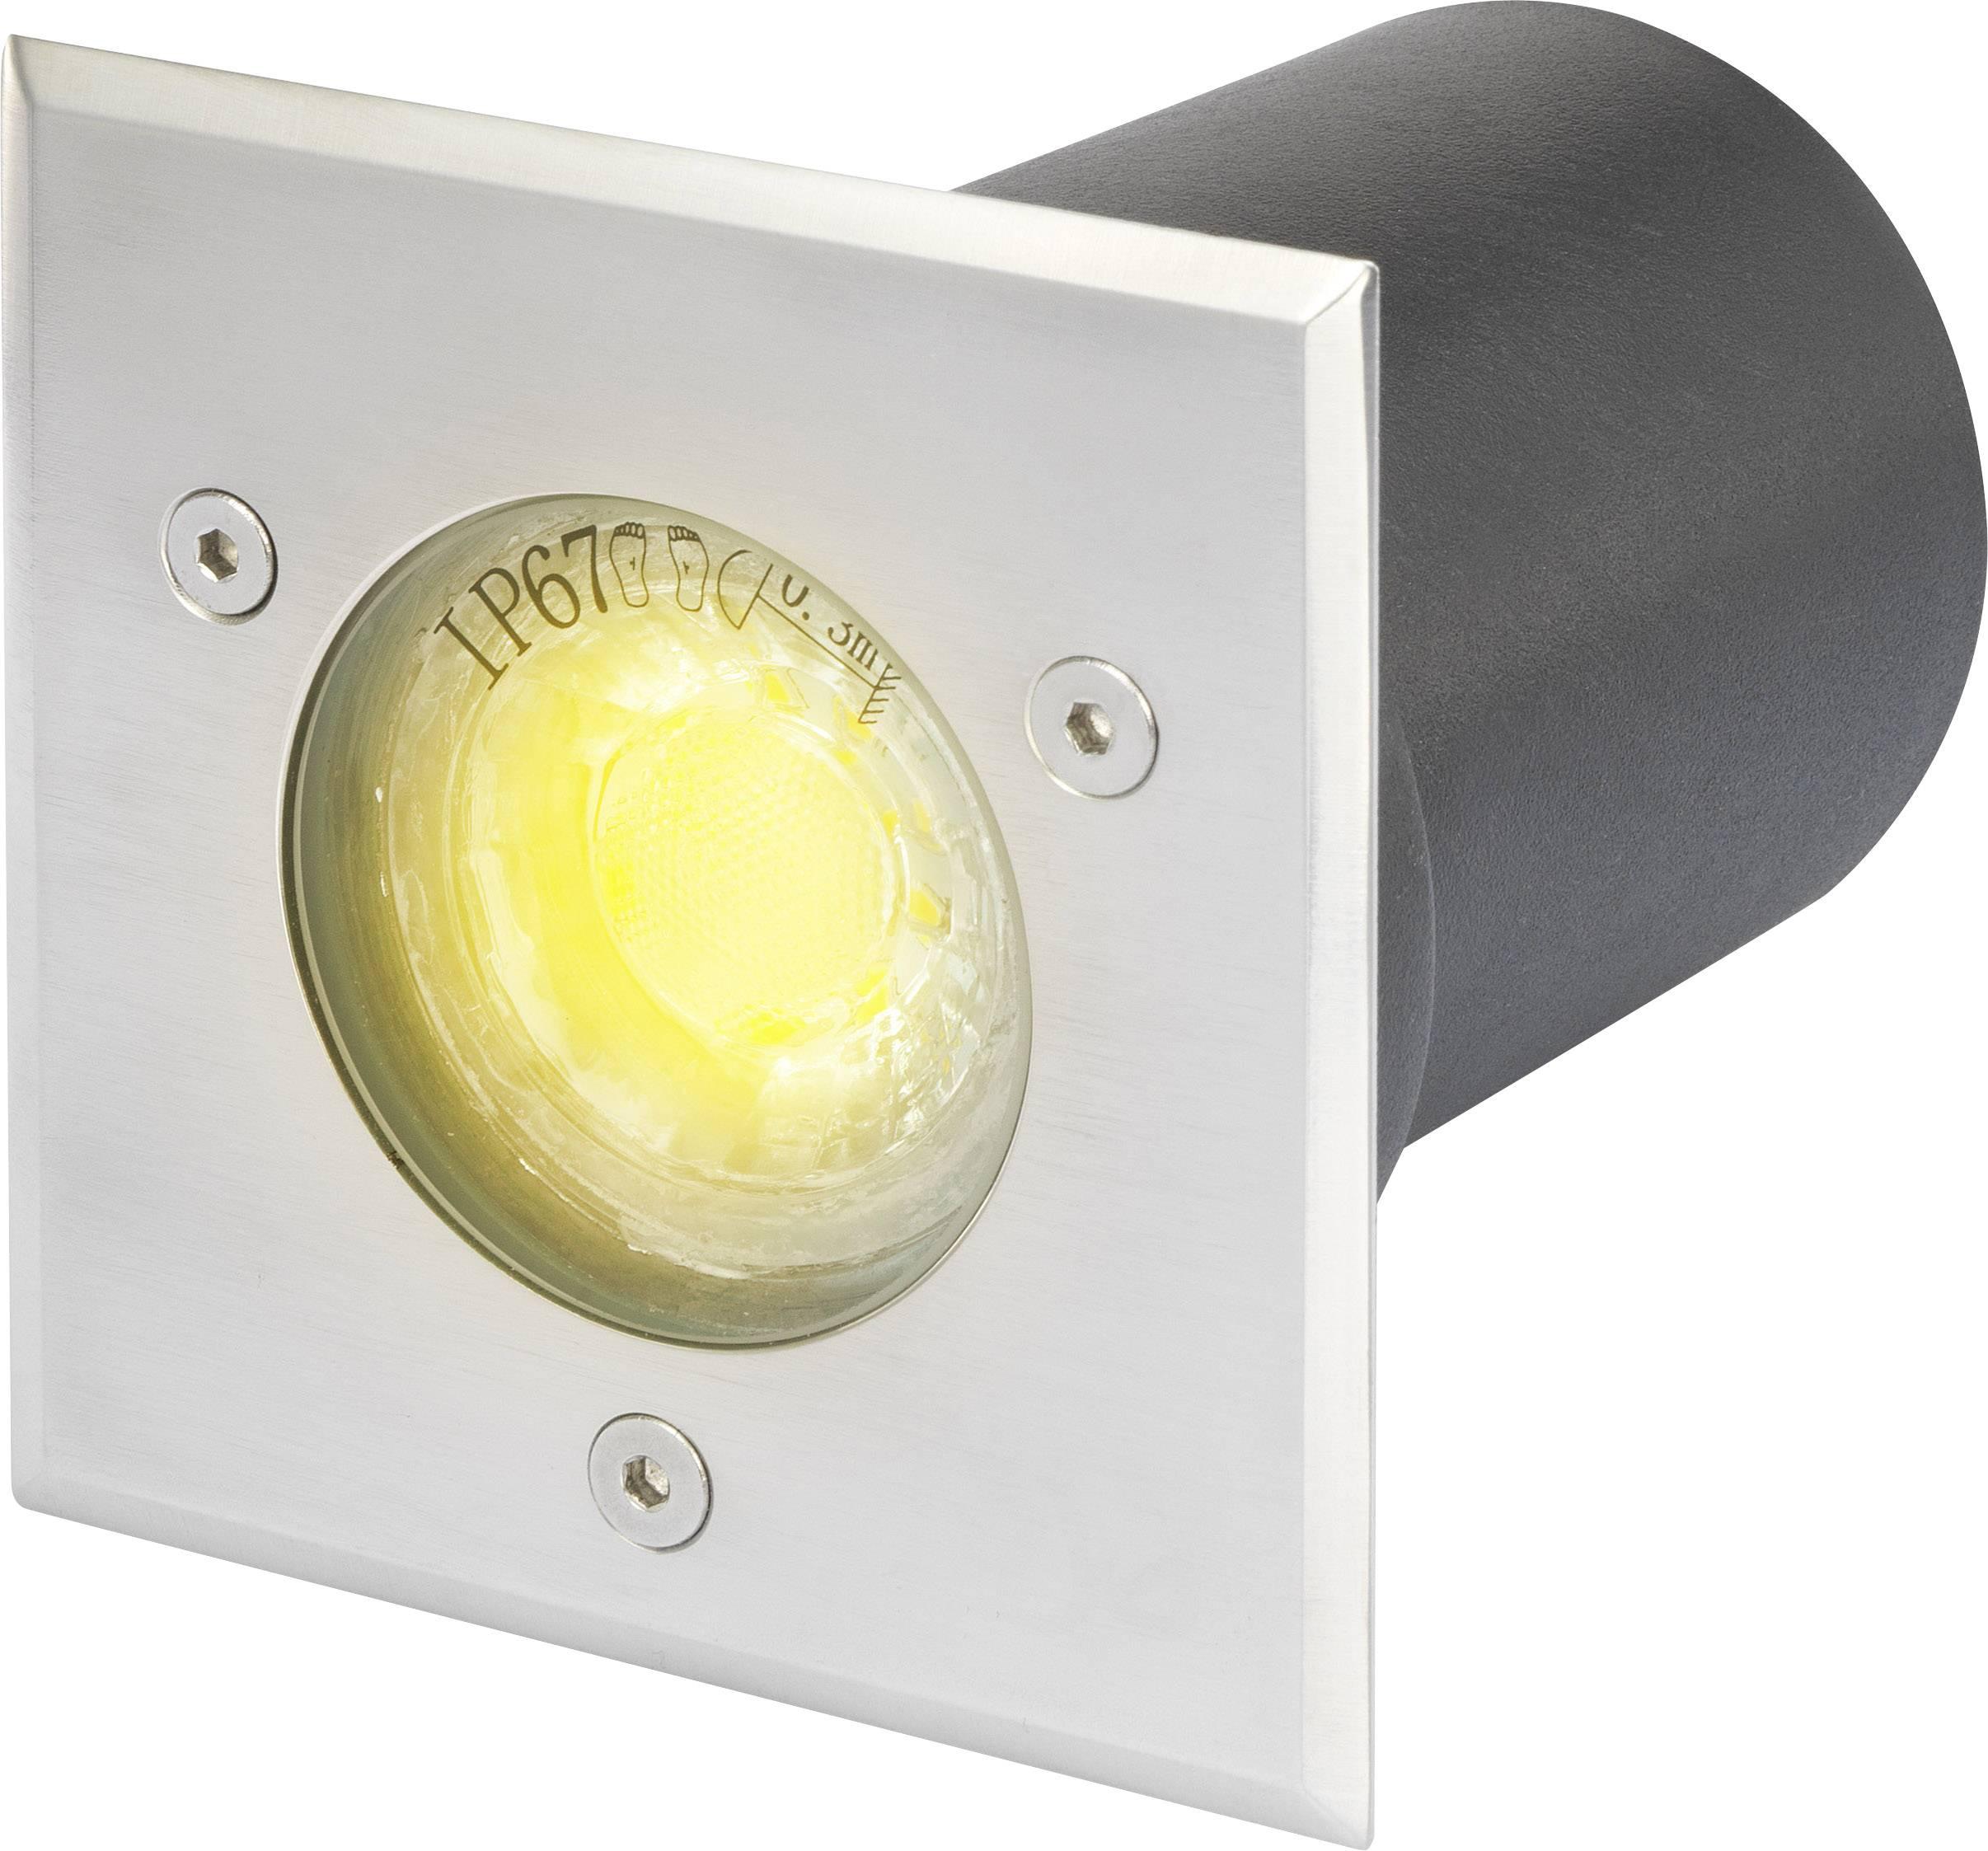 Vonkajšie vstavané LED osvetlenie Polarlite 3 W, čierna